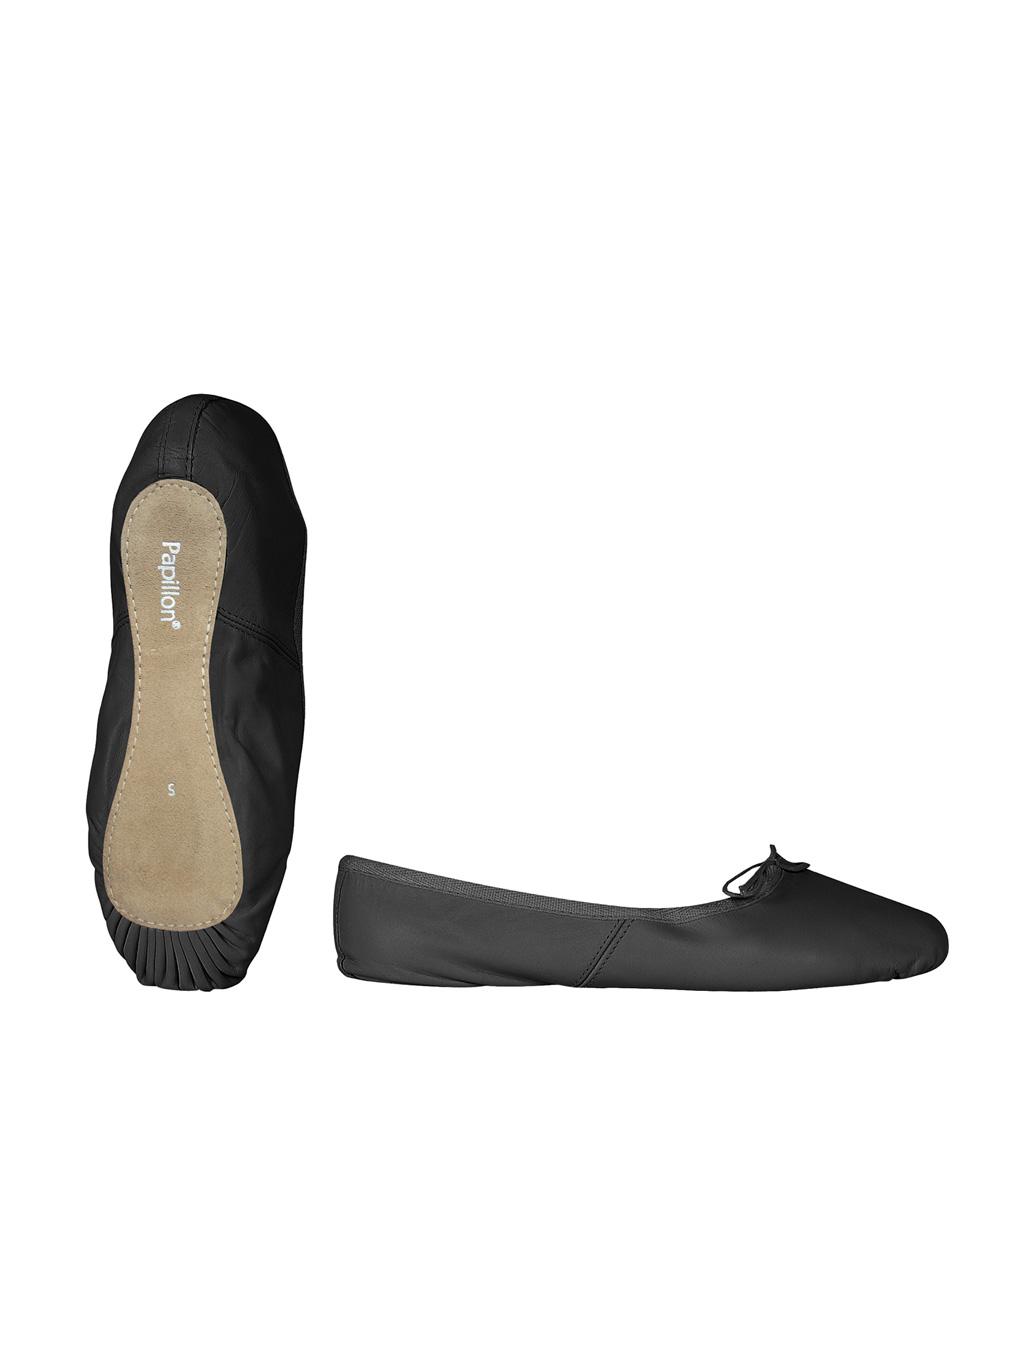 PK1000 zwarte balletschoenen in de uitverkoop